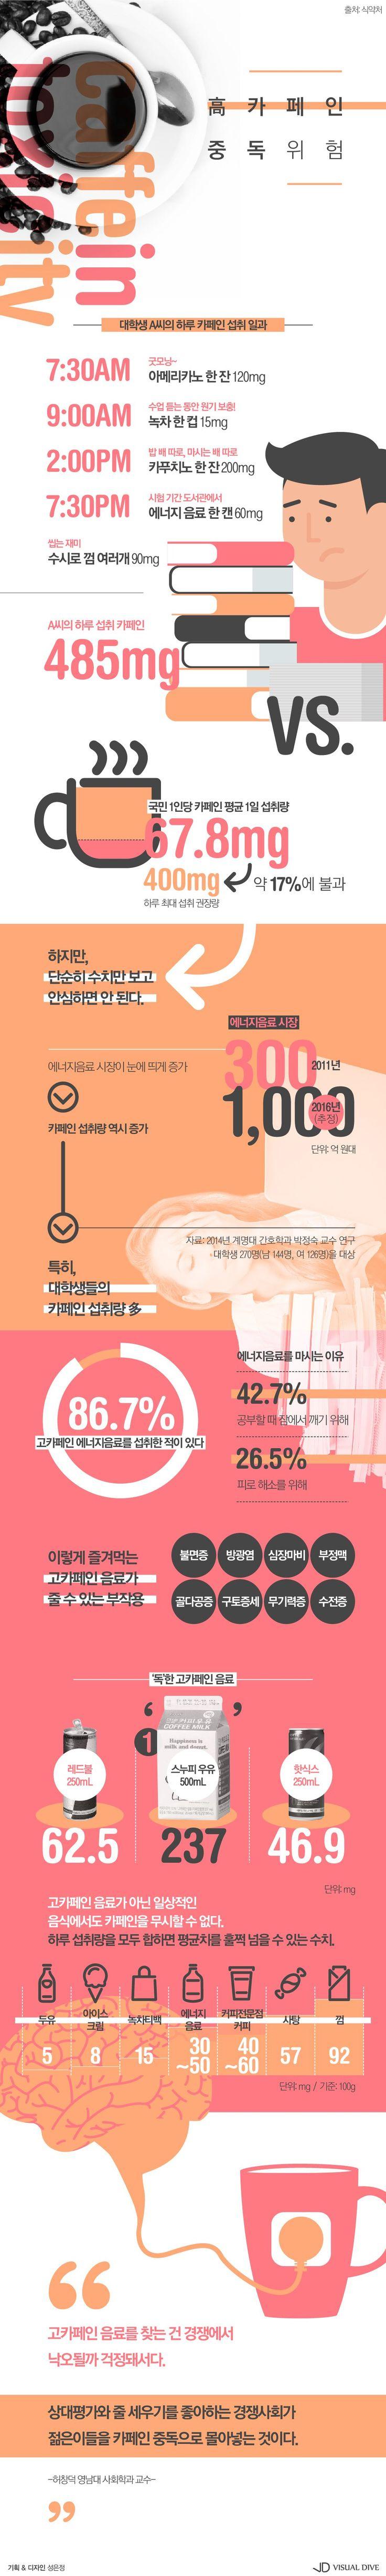 잠 못 드는 대한민국, 고[高]카페인에 중독된 사회 [인포그래픽] #caffeine / #Infographic ⓒ 비주얼다이브 무단 복사·전재·재배포 금지